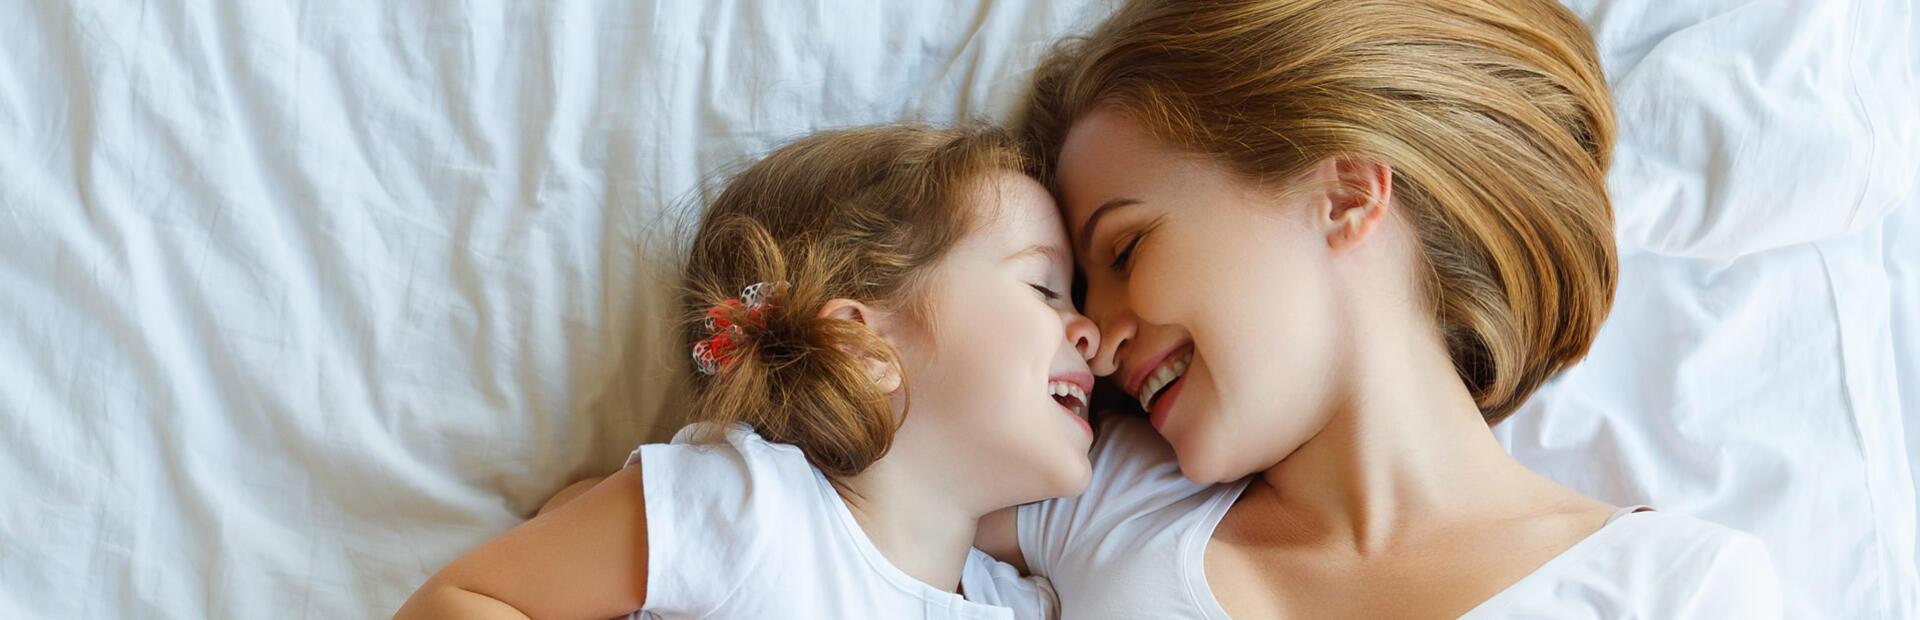 hotelgardencesenatico en rooms-for-families 004